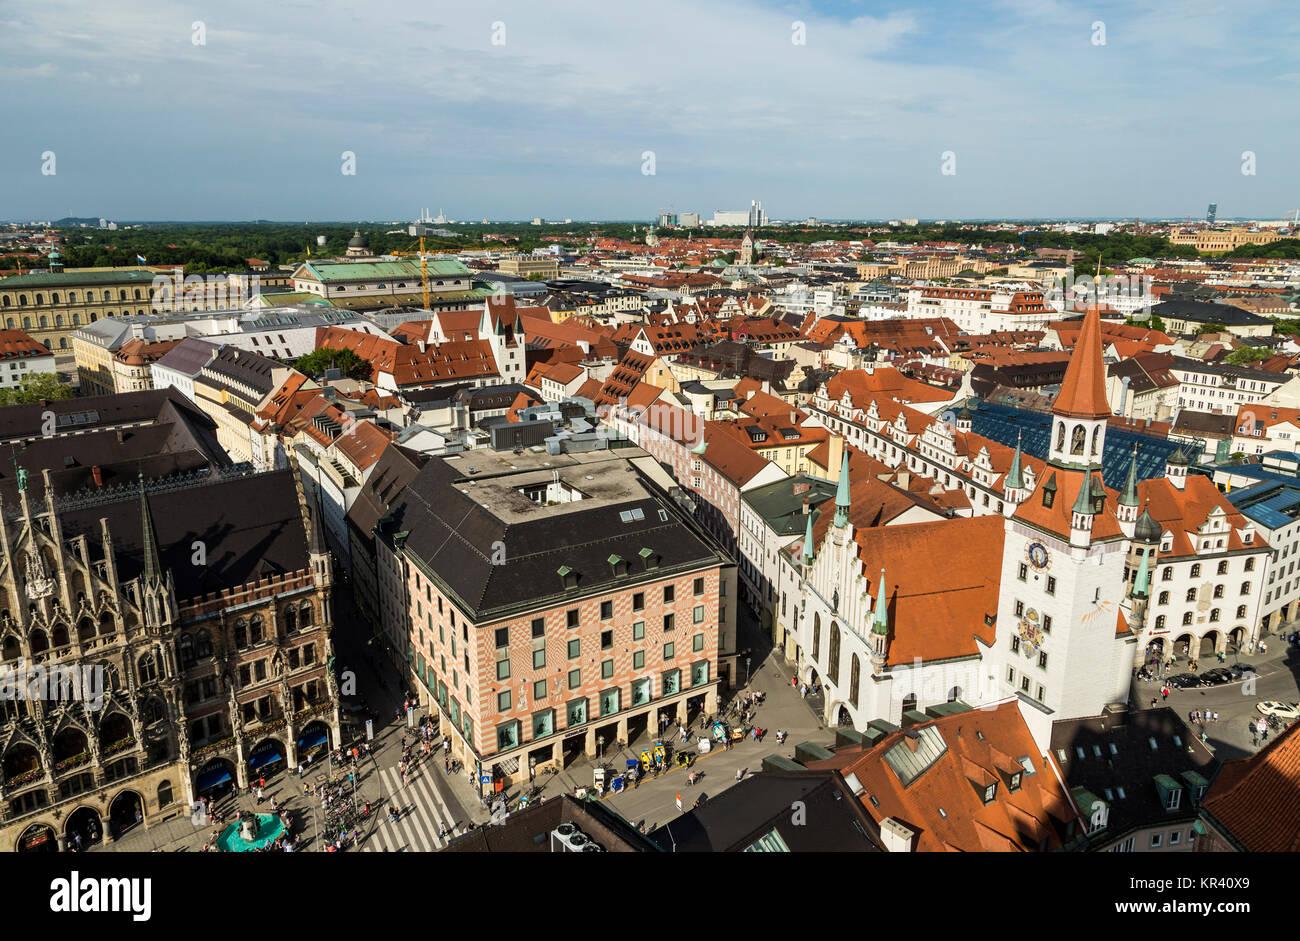 Schöne super Weitwinkel- sonnige Luftaufnahme von München, Bayern, Bayern, Deutschland mit Skyline und die Landschaft ausserhalb der Stadt, von der Aussichtsplattform der St. Peter Kirche gesehen Stockfoto